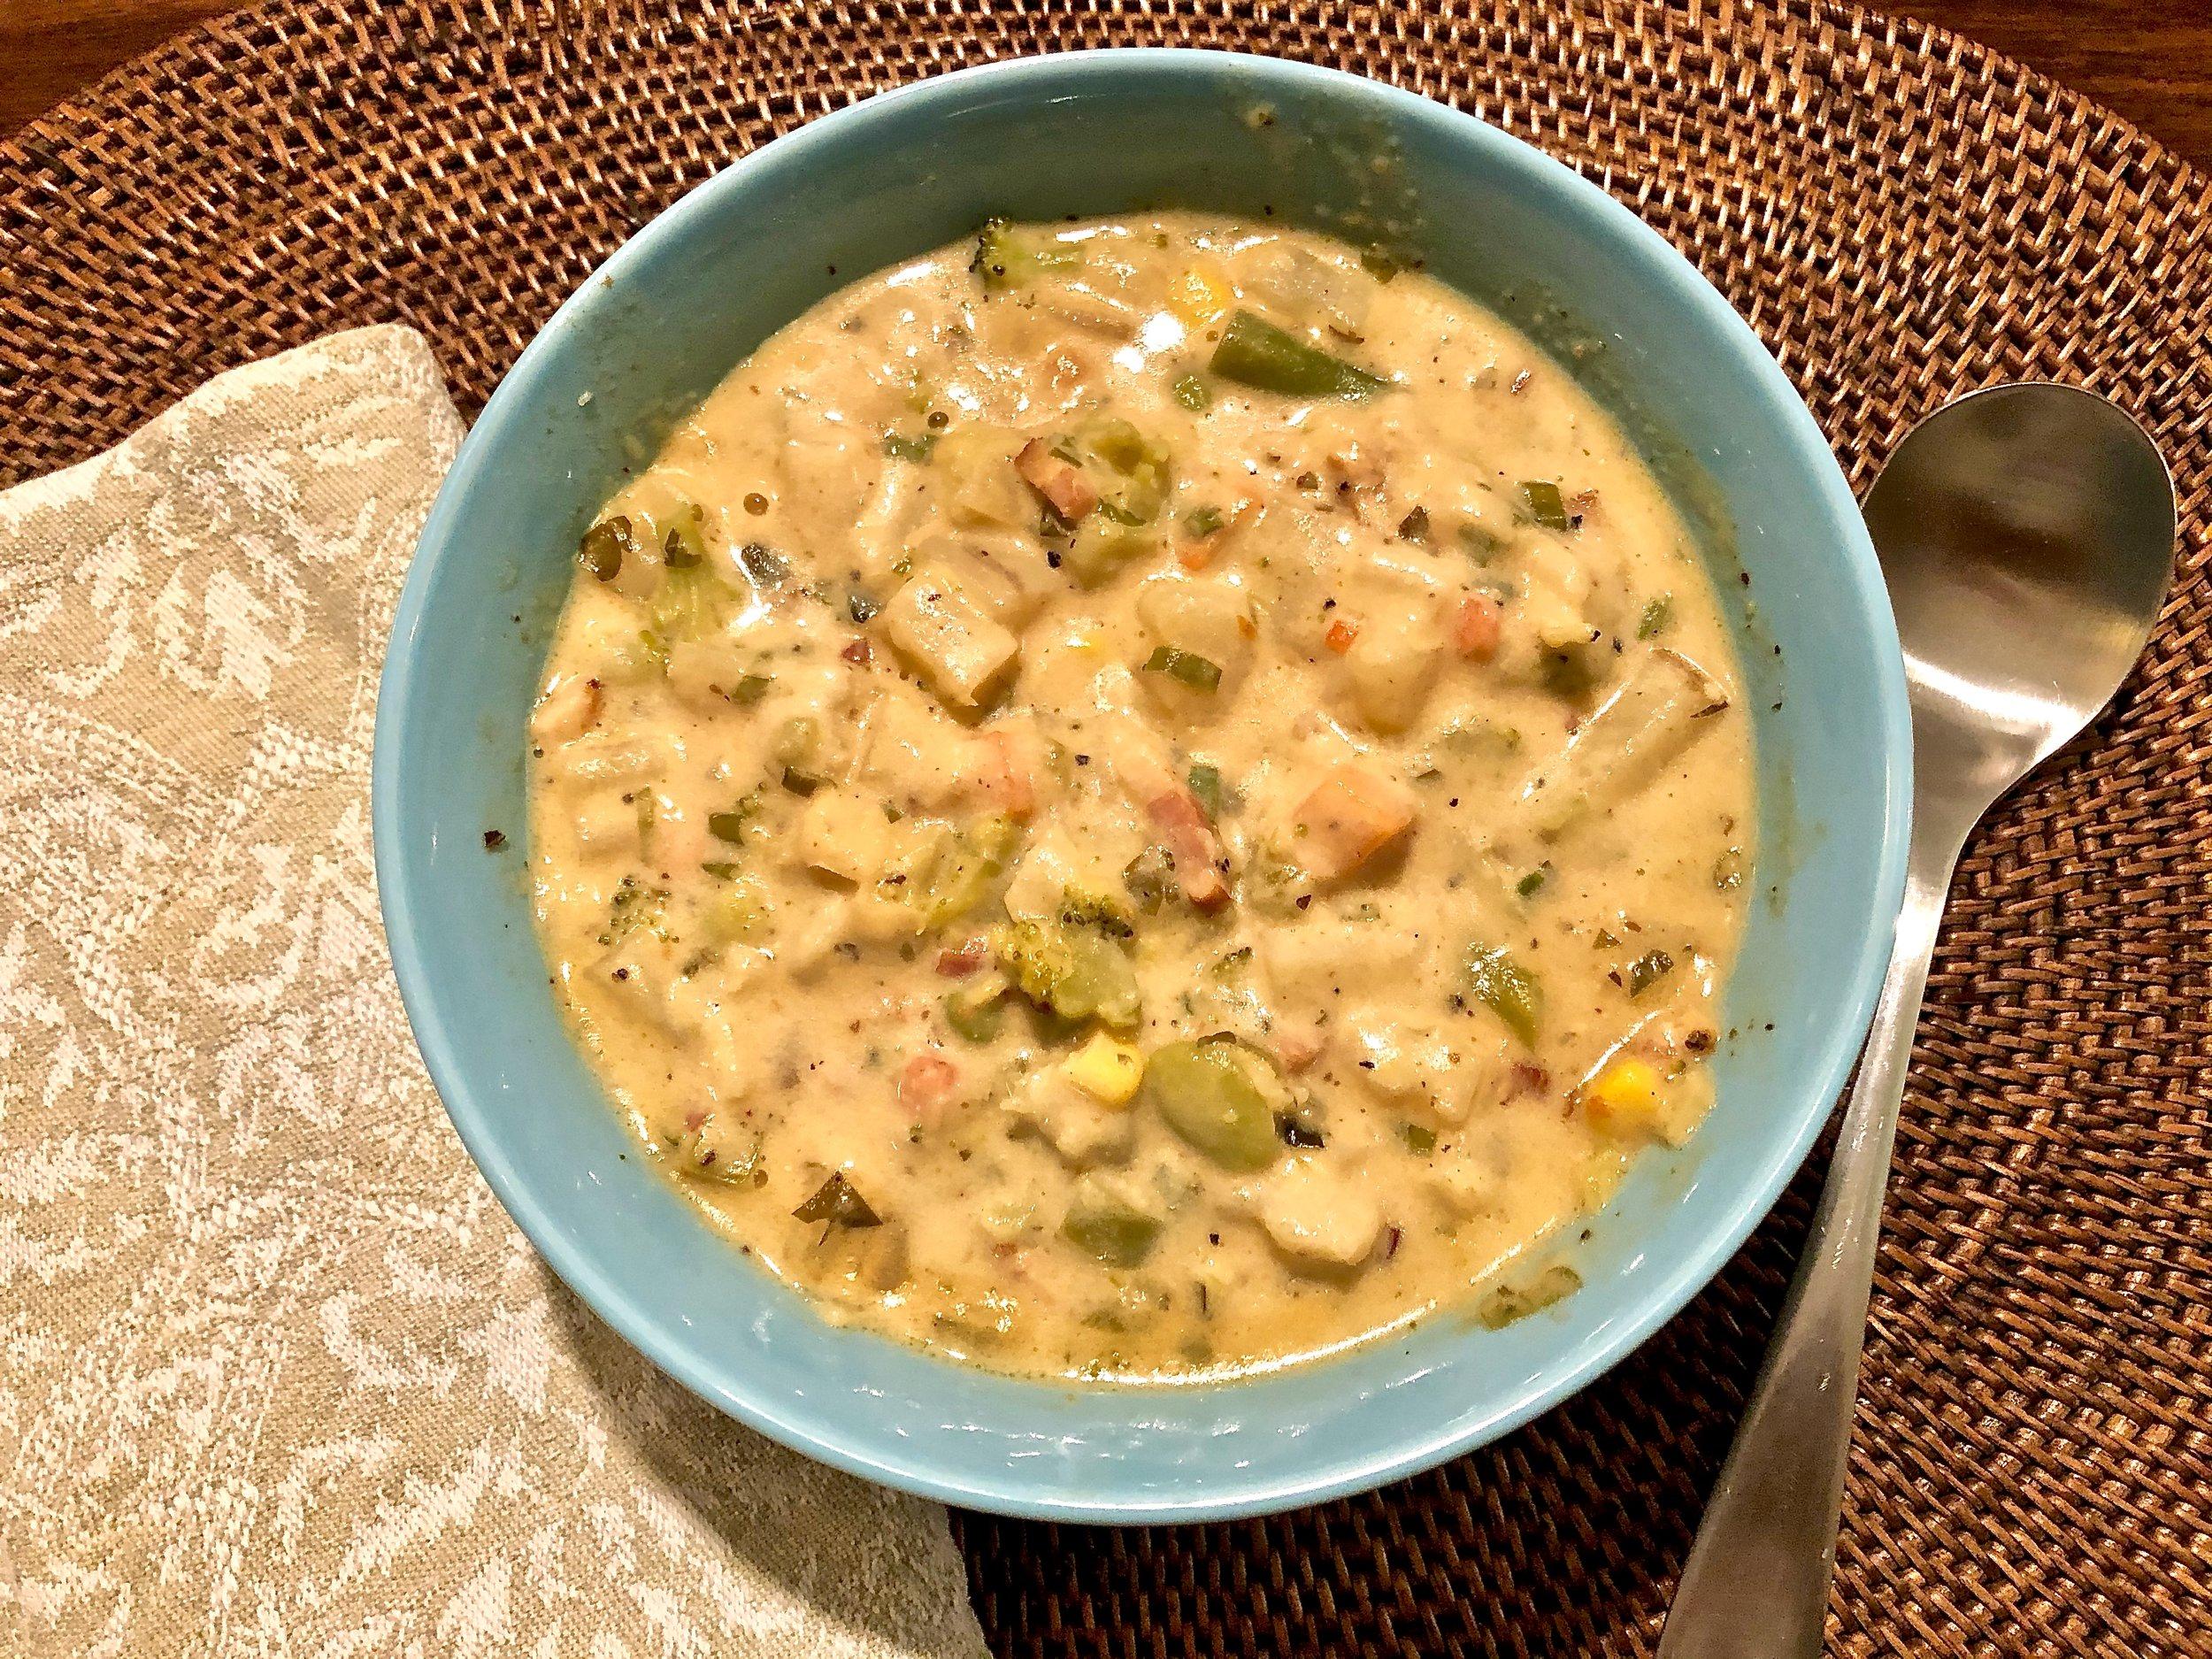 A delicious potato-broccoli-cheddar chowder.